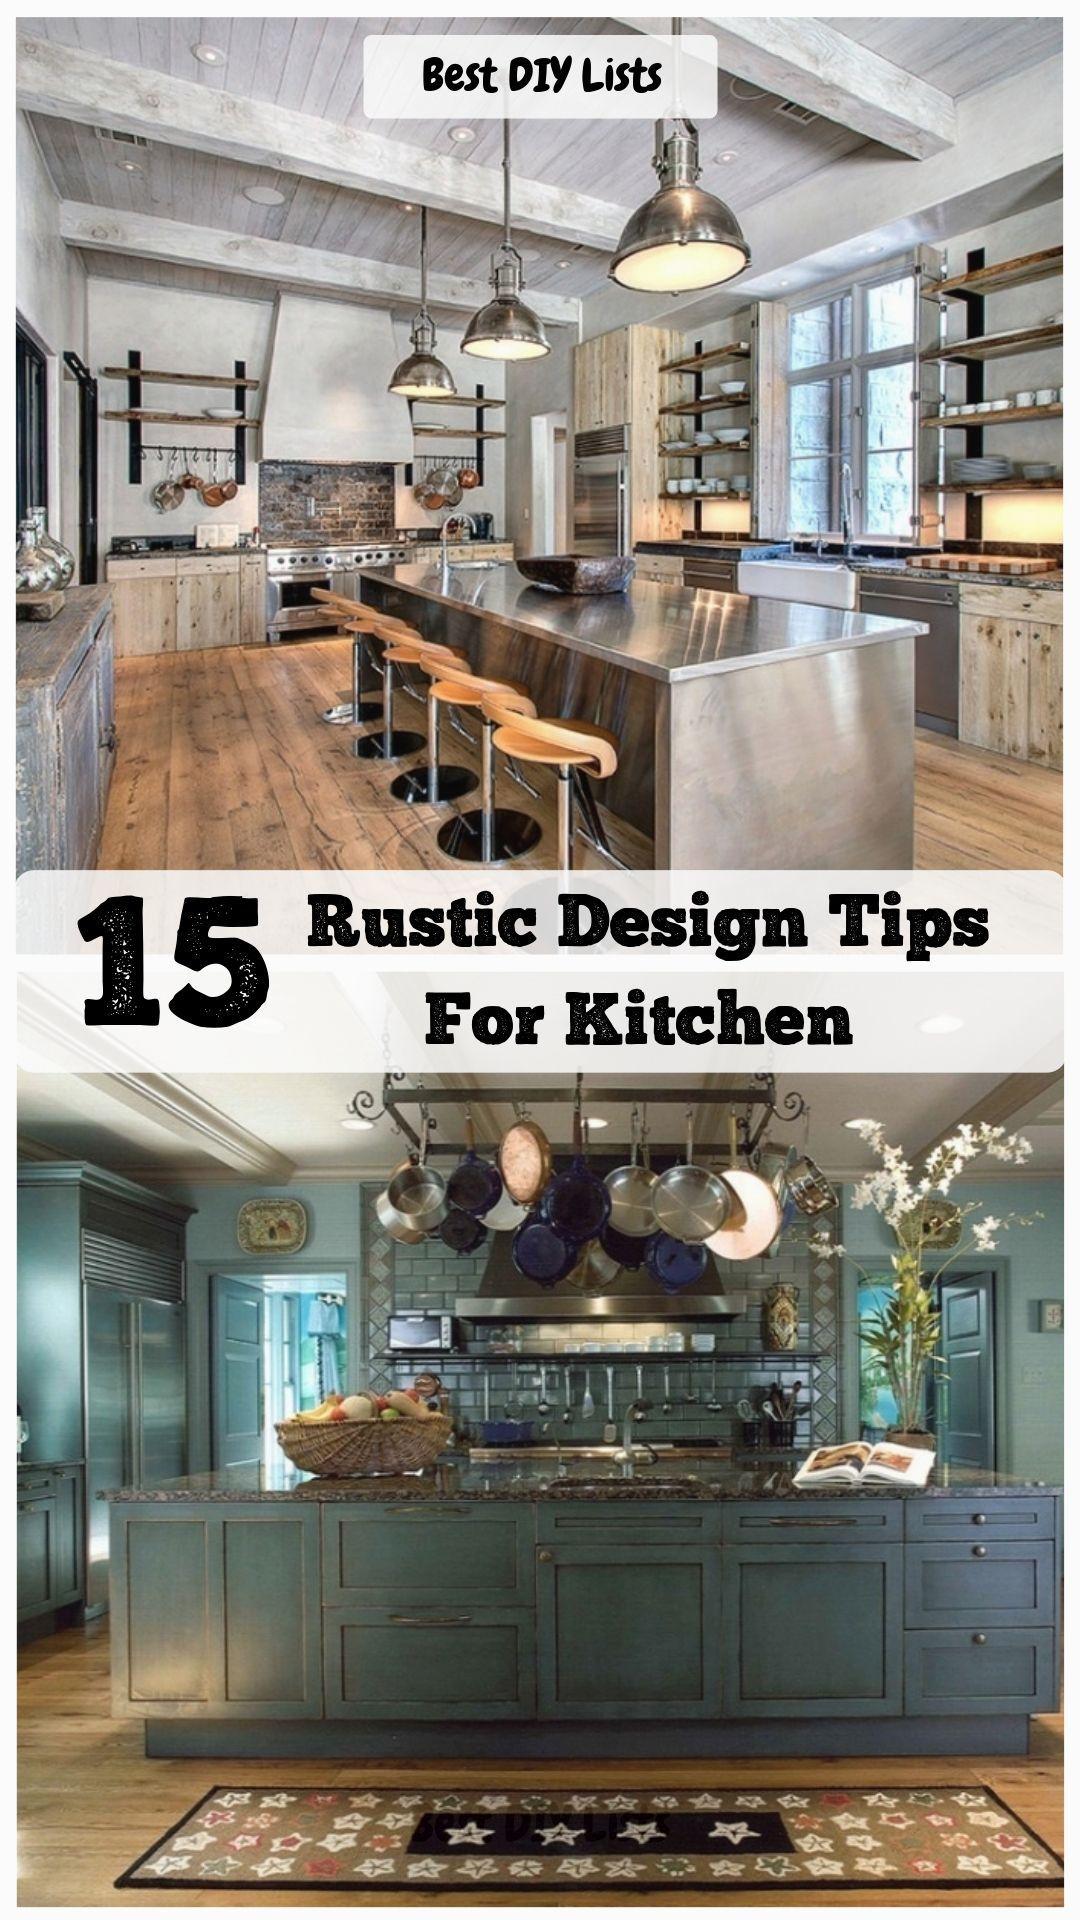 Open Kitchen RemodelRustic Kitchen Design Ideas #rusticdesign #kitchen #kitchendecor #kitchenremodel #homedecor #openkitchen